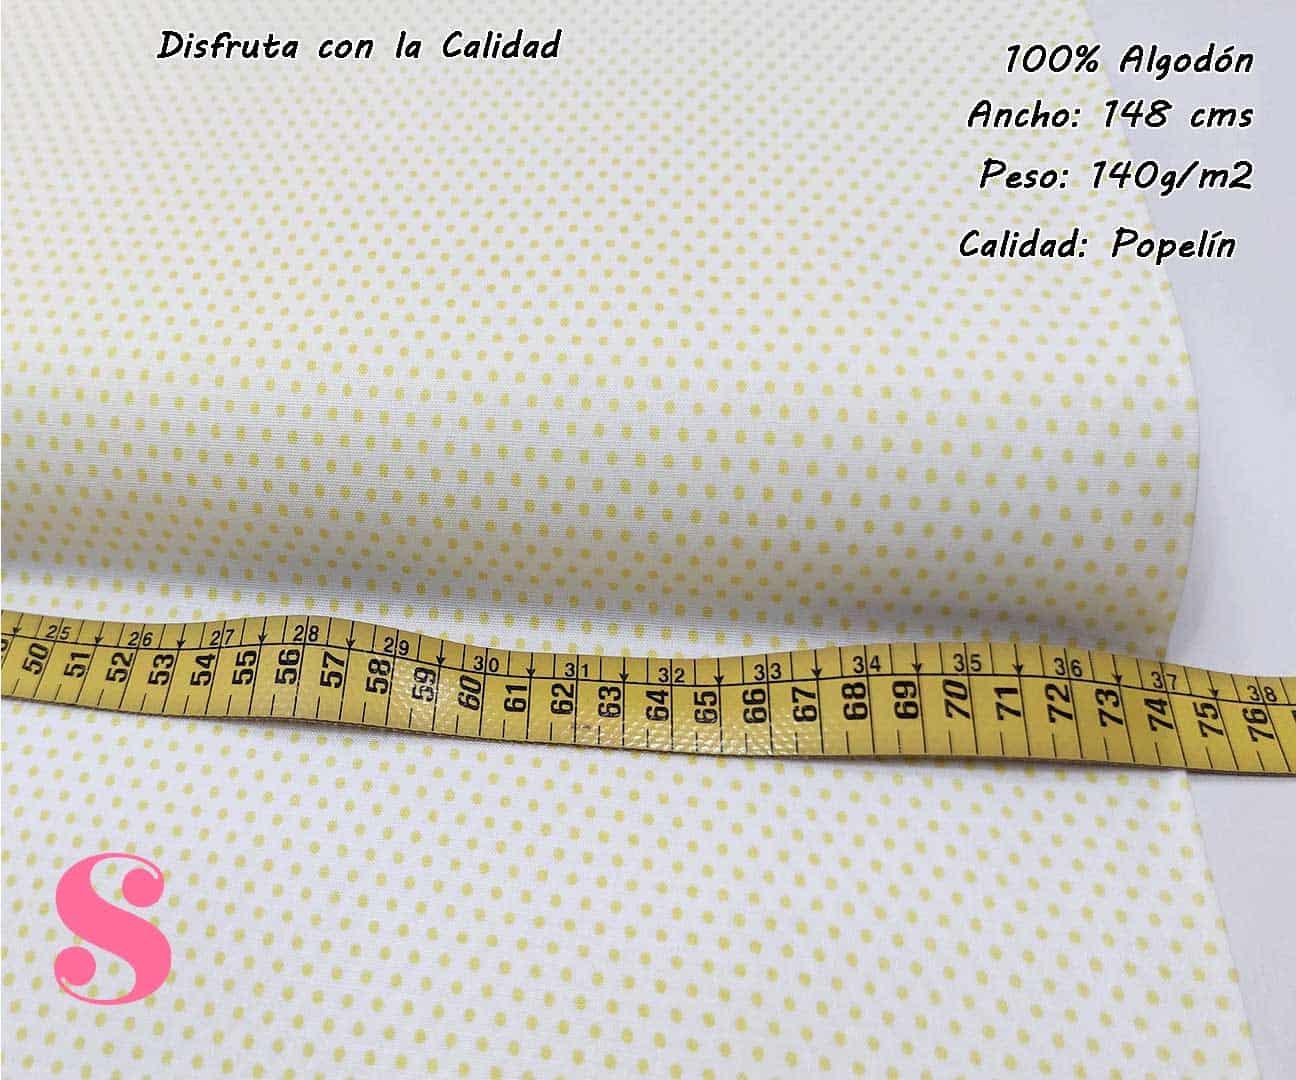 topos-algodon-estampado-naturales-geometricas-modernas-patchwork-para-vestidos-liberty,Tejido Algodón Estampado Topos Amarillo Fondo Blanco